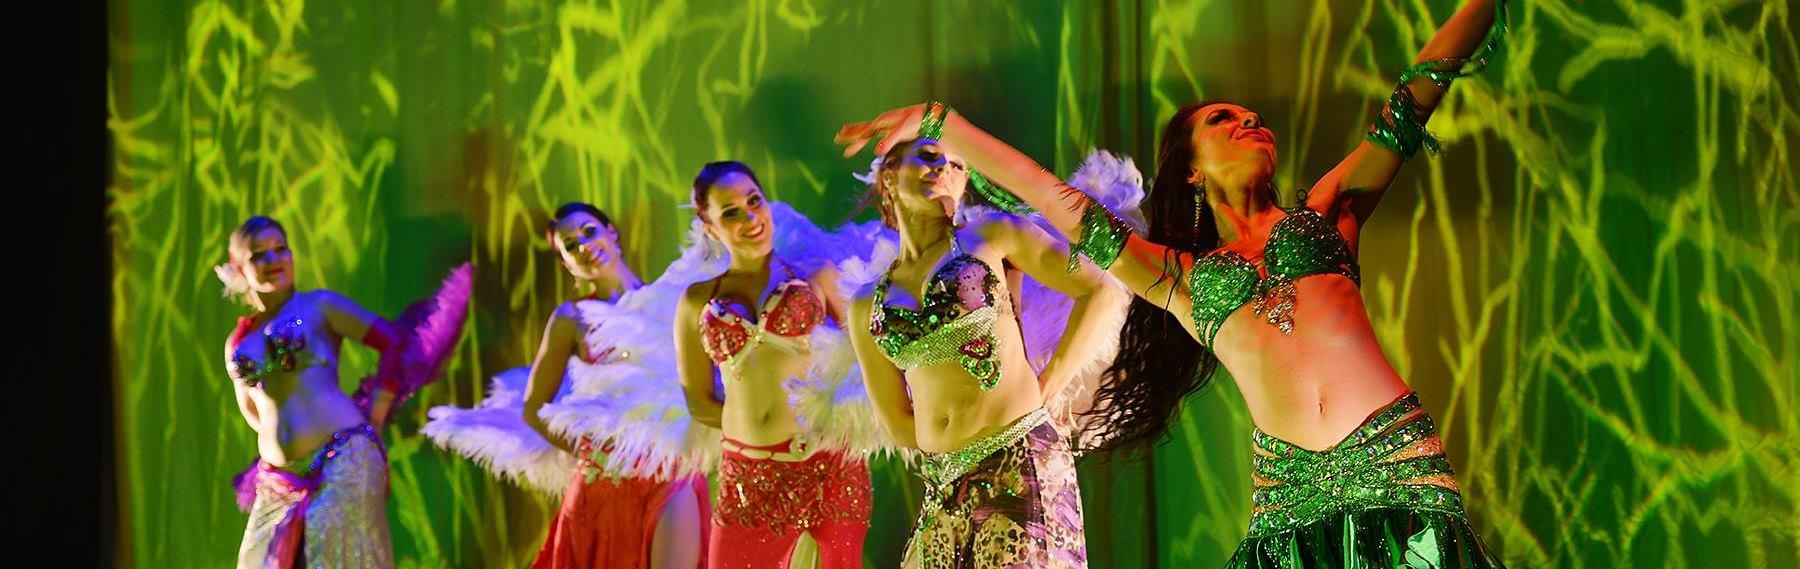 Orijentalni plesni ansambl Apsaradhe i predstava 'Niz vodu, uz goru'